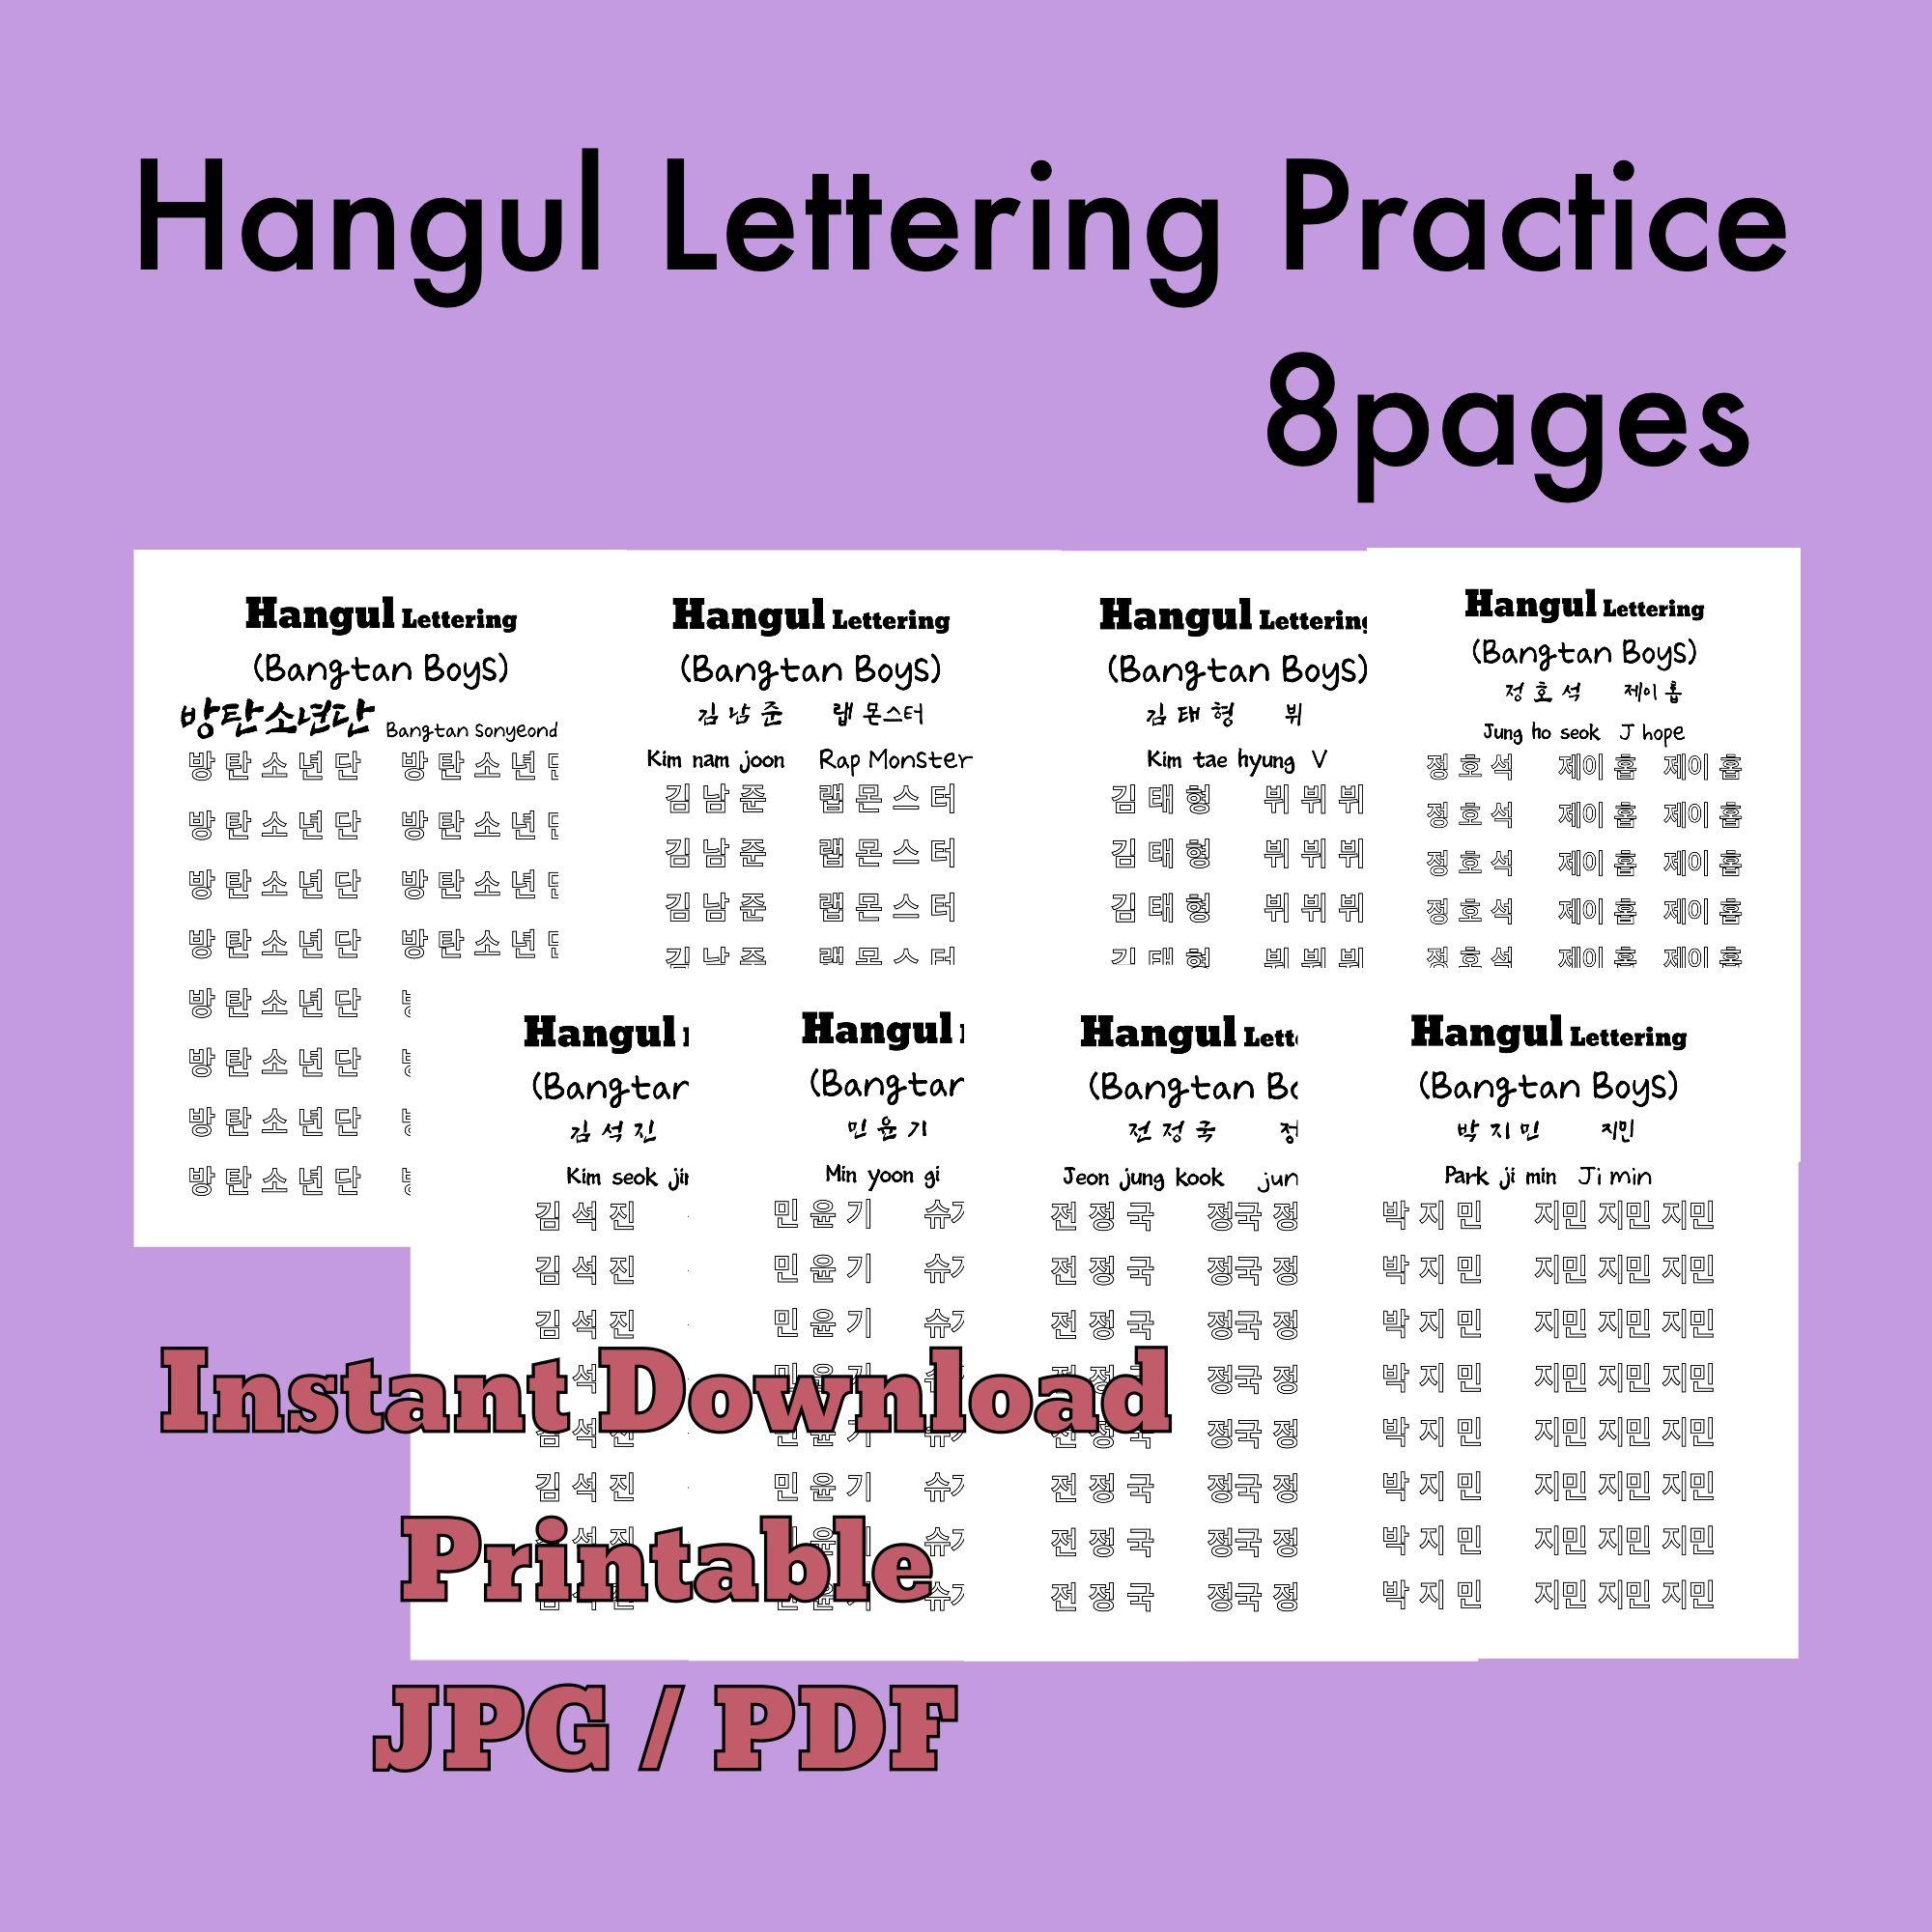 Bts Member Names Hangul Practice Hangul Worksheet Korean Etsy Bts Members Names Learn Korean Korea Language